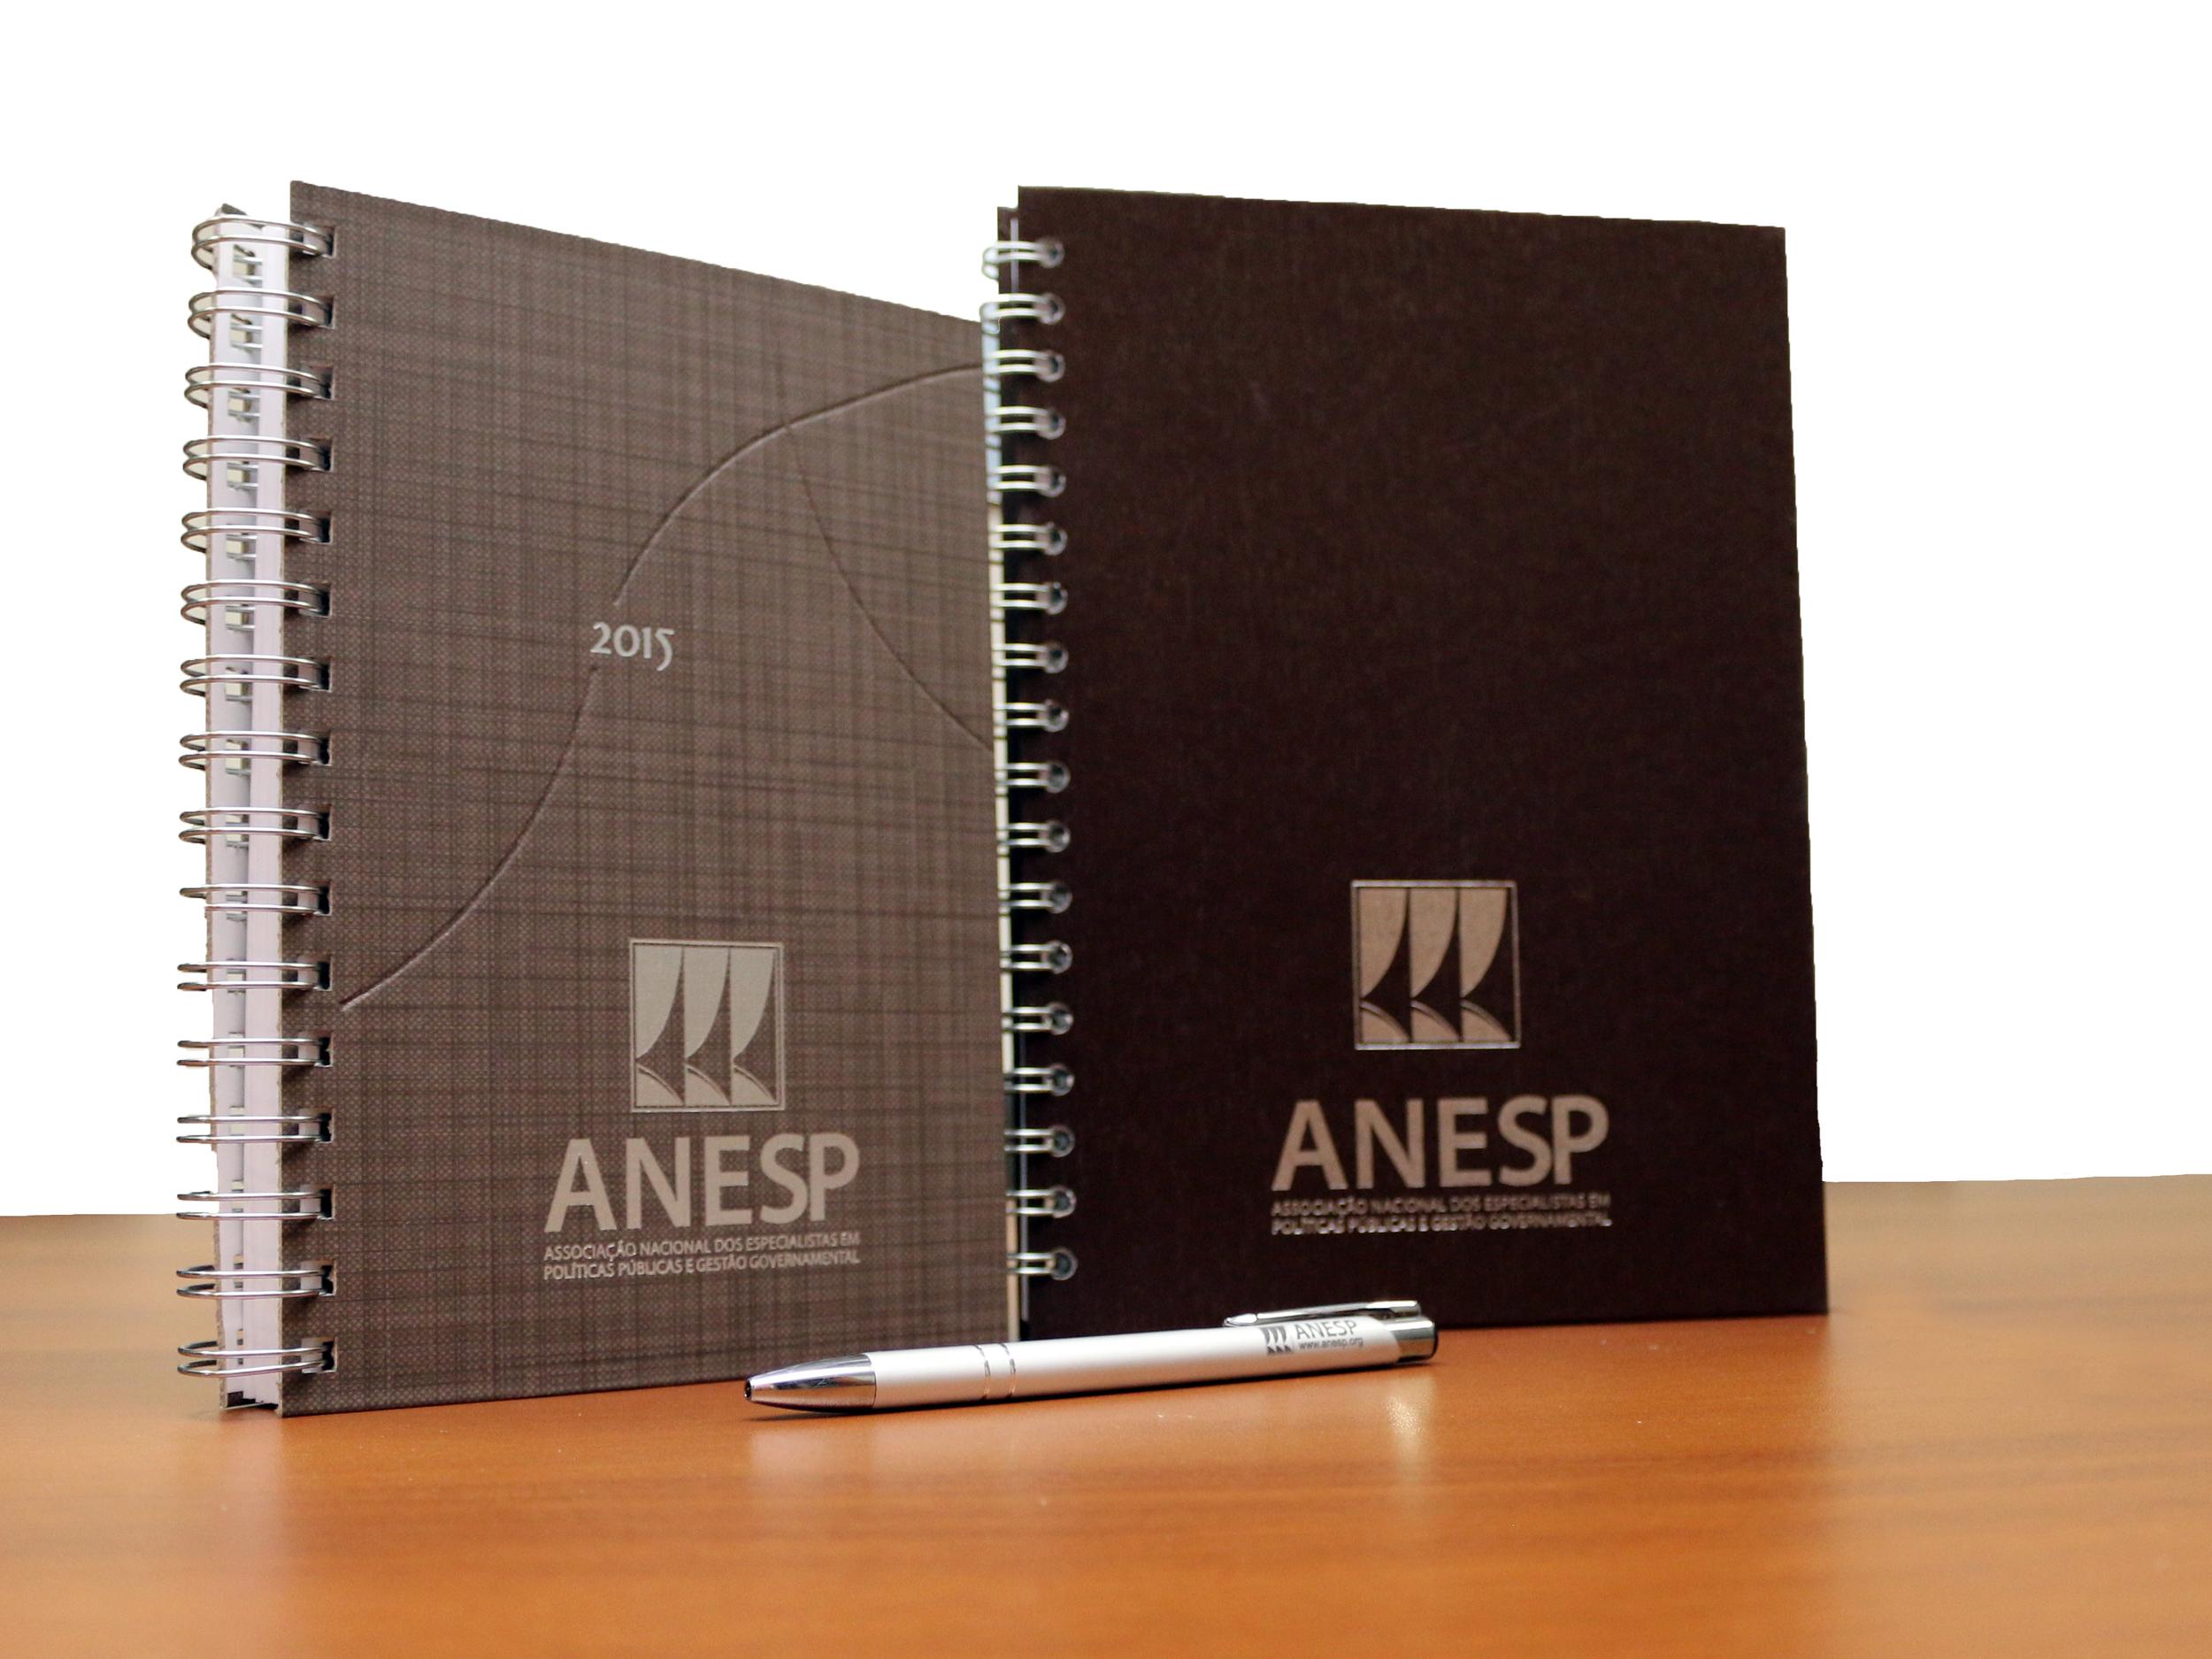 Kit ANESP 2015 é composto por agenda, caderno e caneta. Foto: Filipe Calmon / ANESP